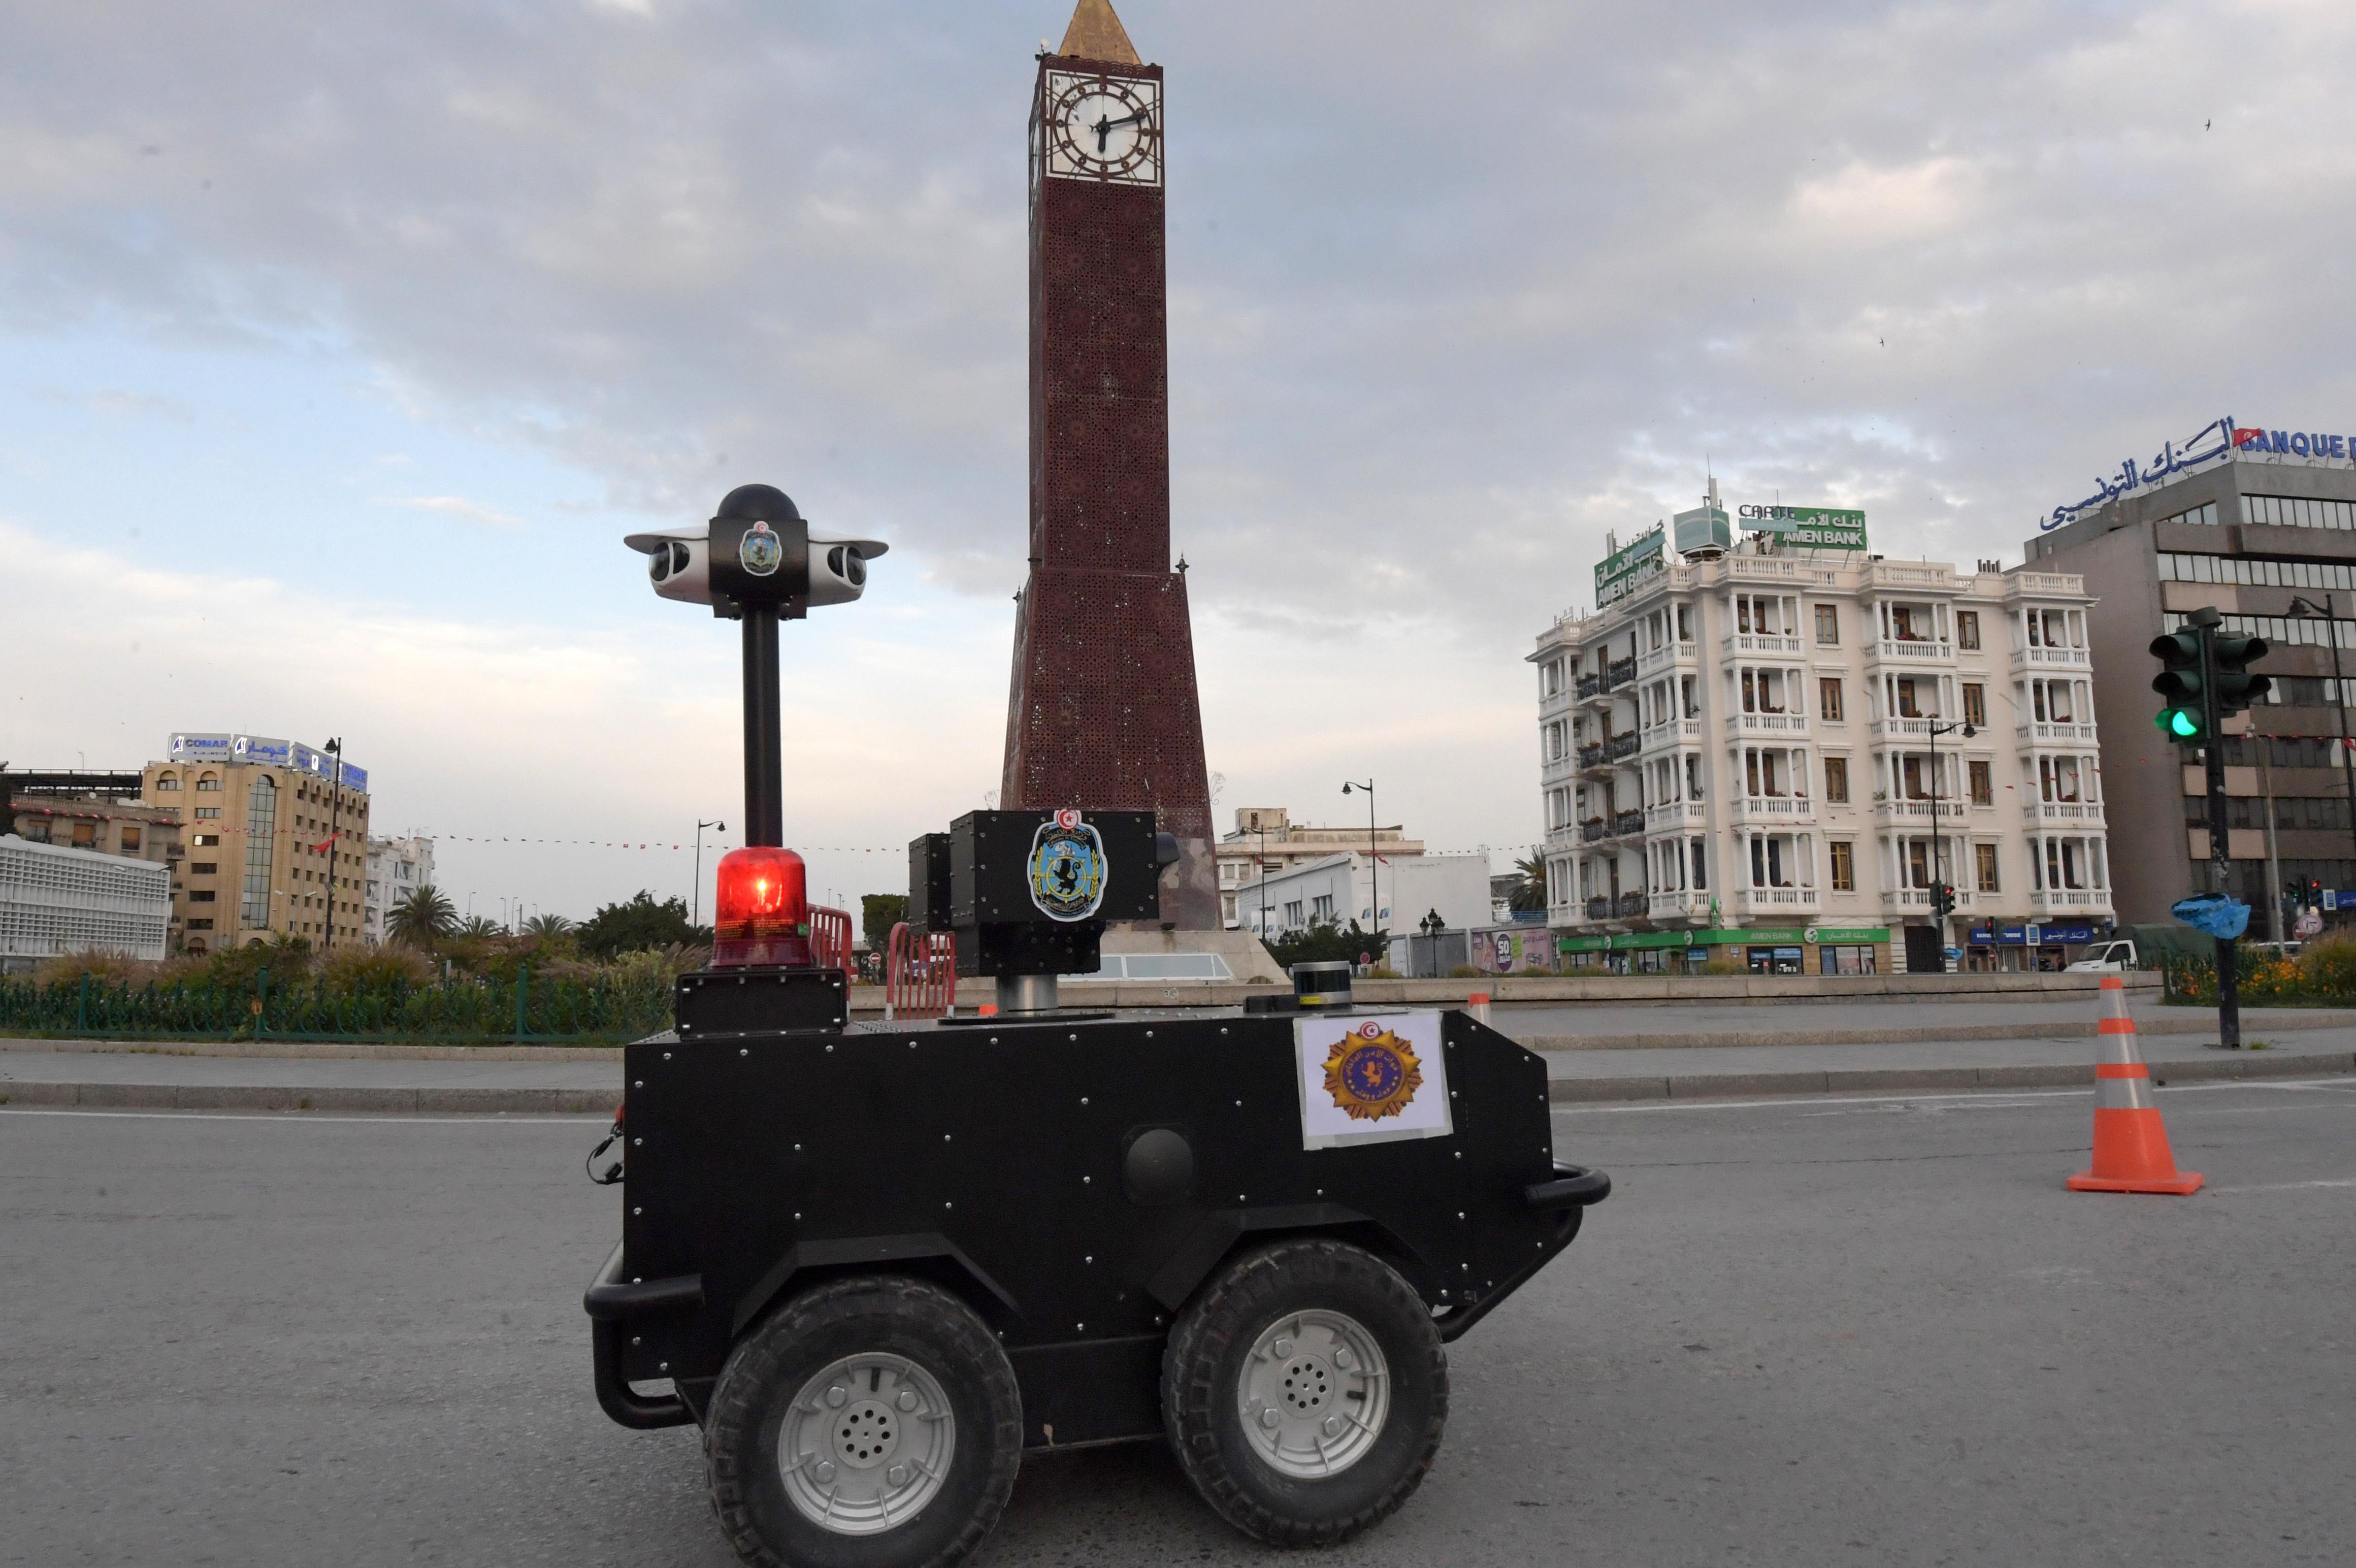 Tunéziában robotrendőrrel ellenőrzik a kijárási korlátozások betartását